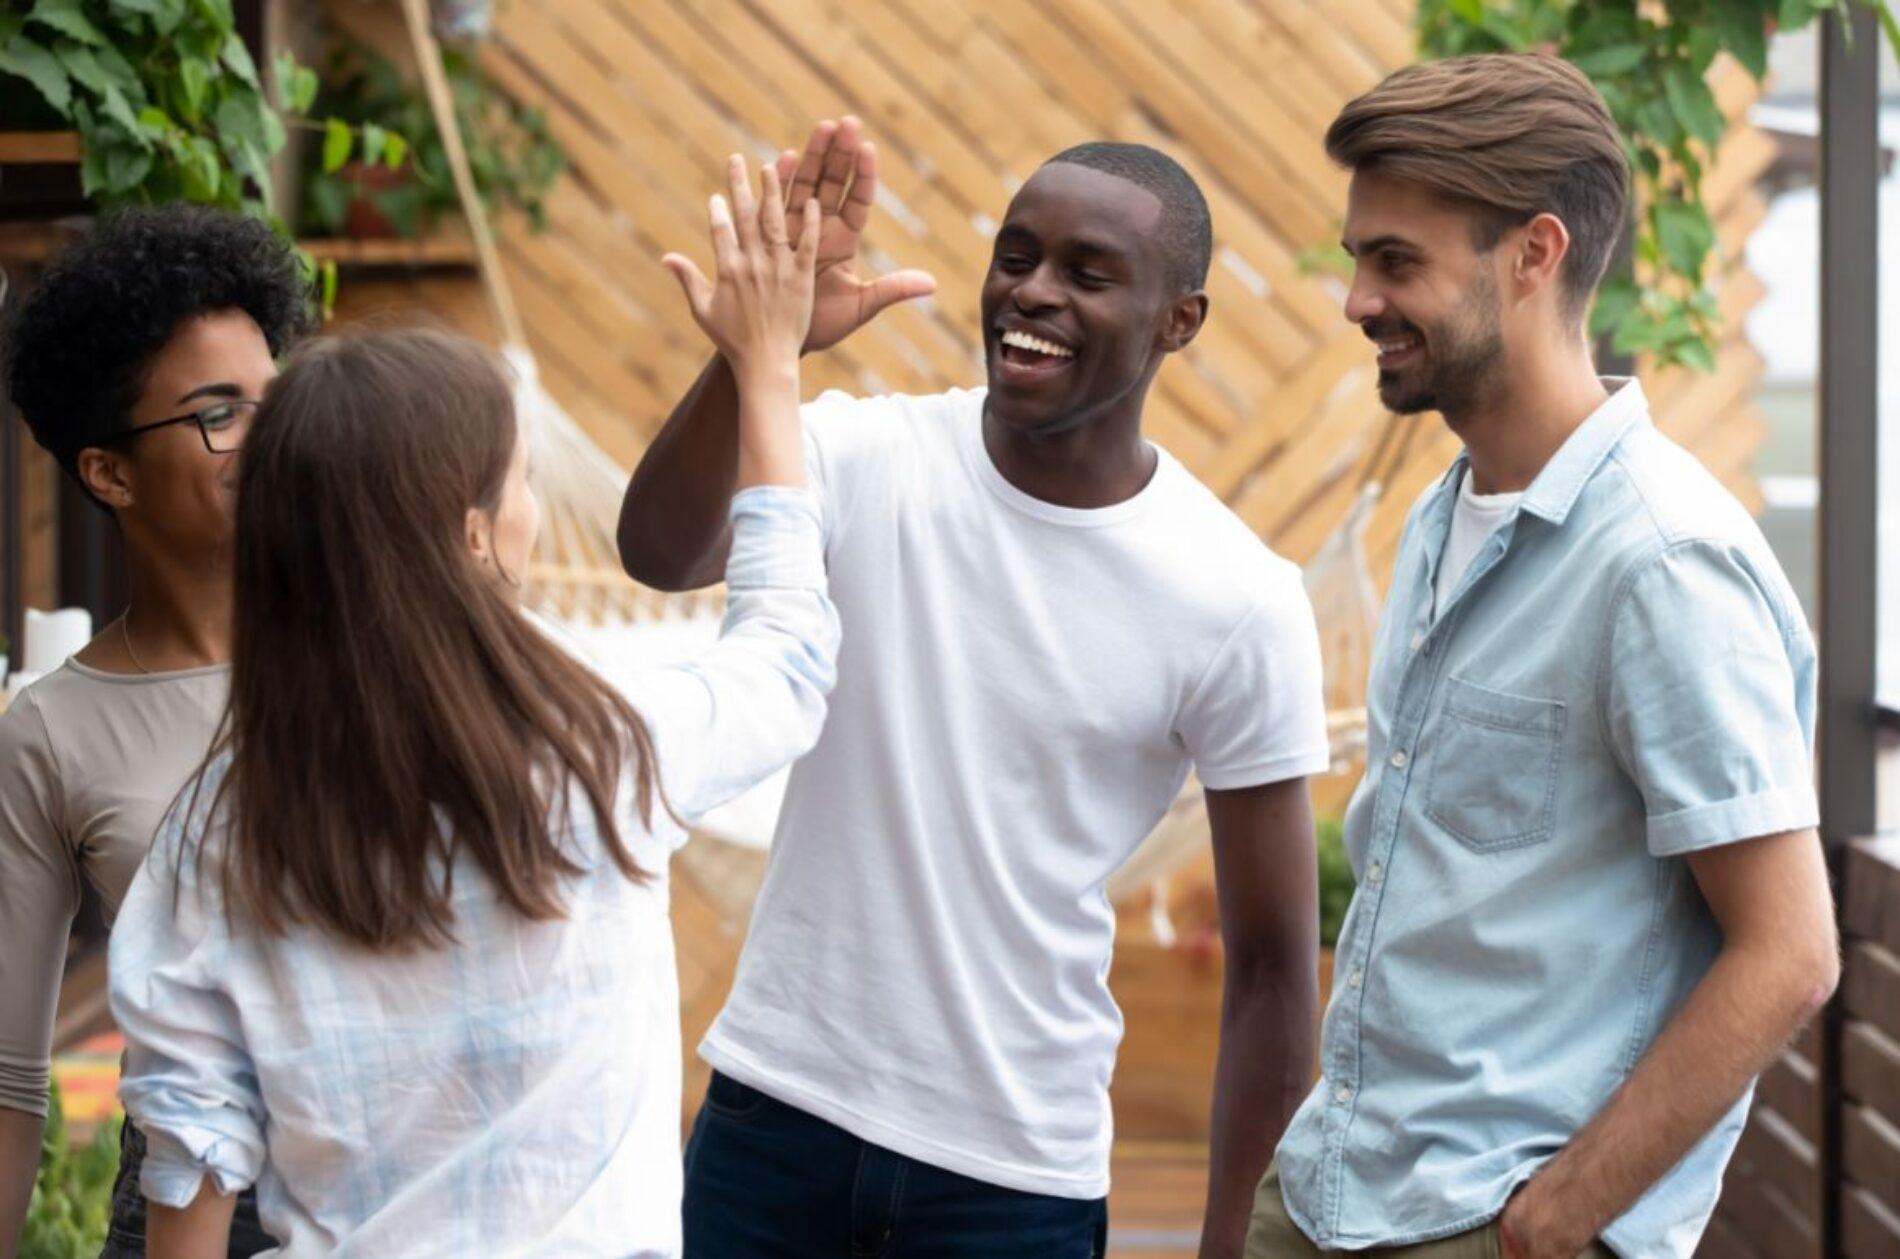 Distanskurs: Bli bättre på att prata engelska